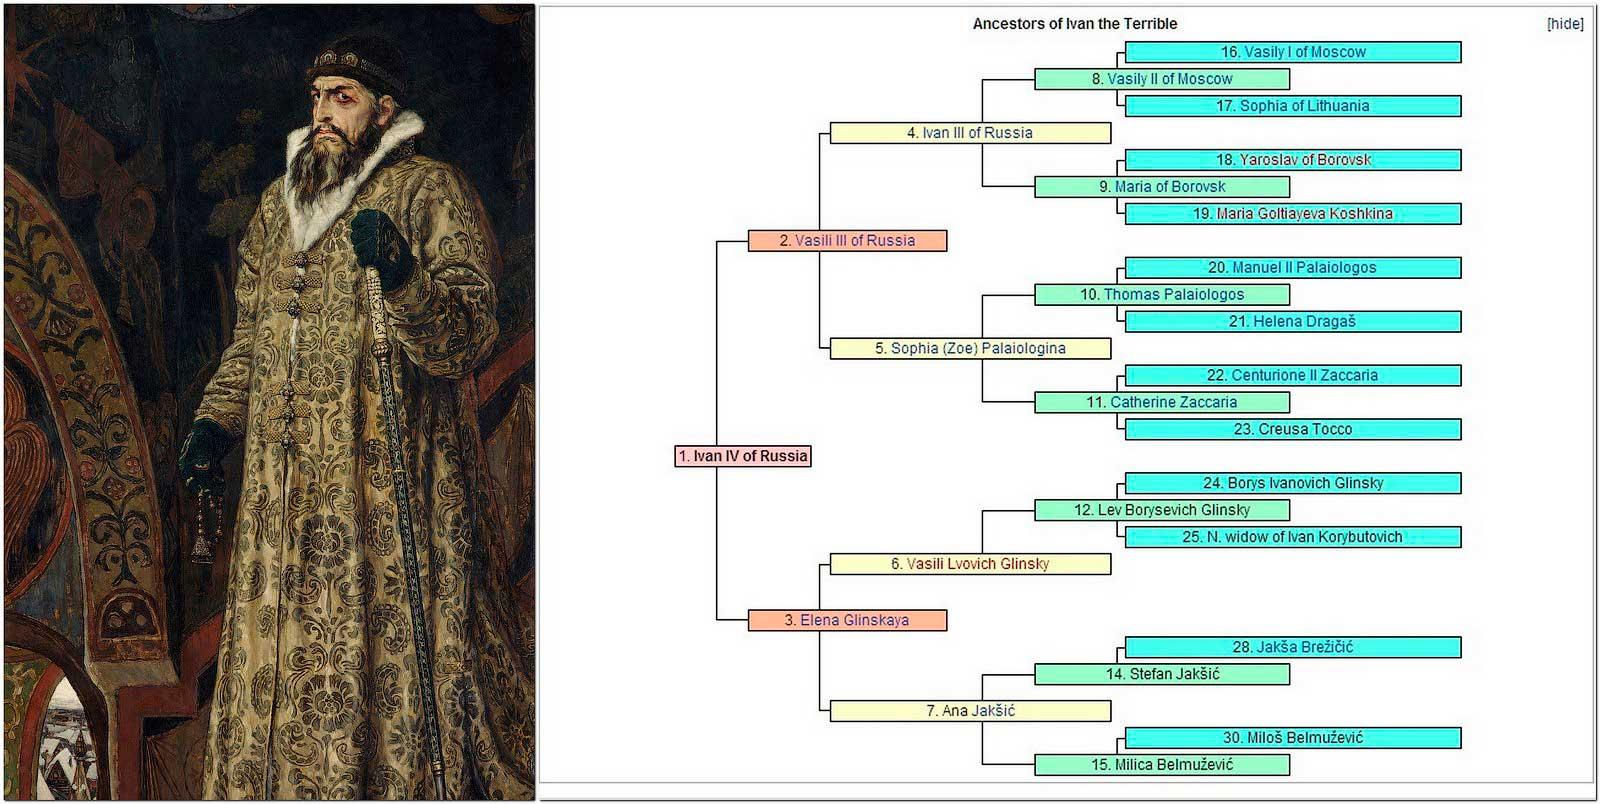 Родословная царя Ивана IV Васильевича Грозного.